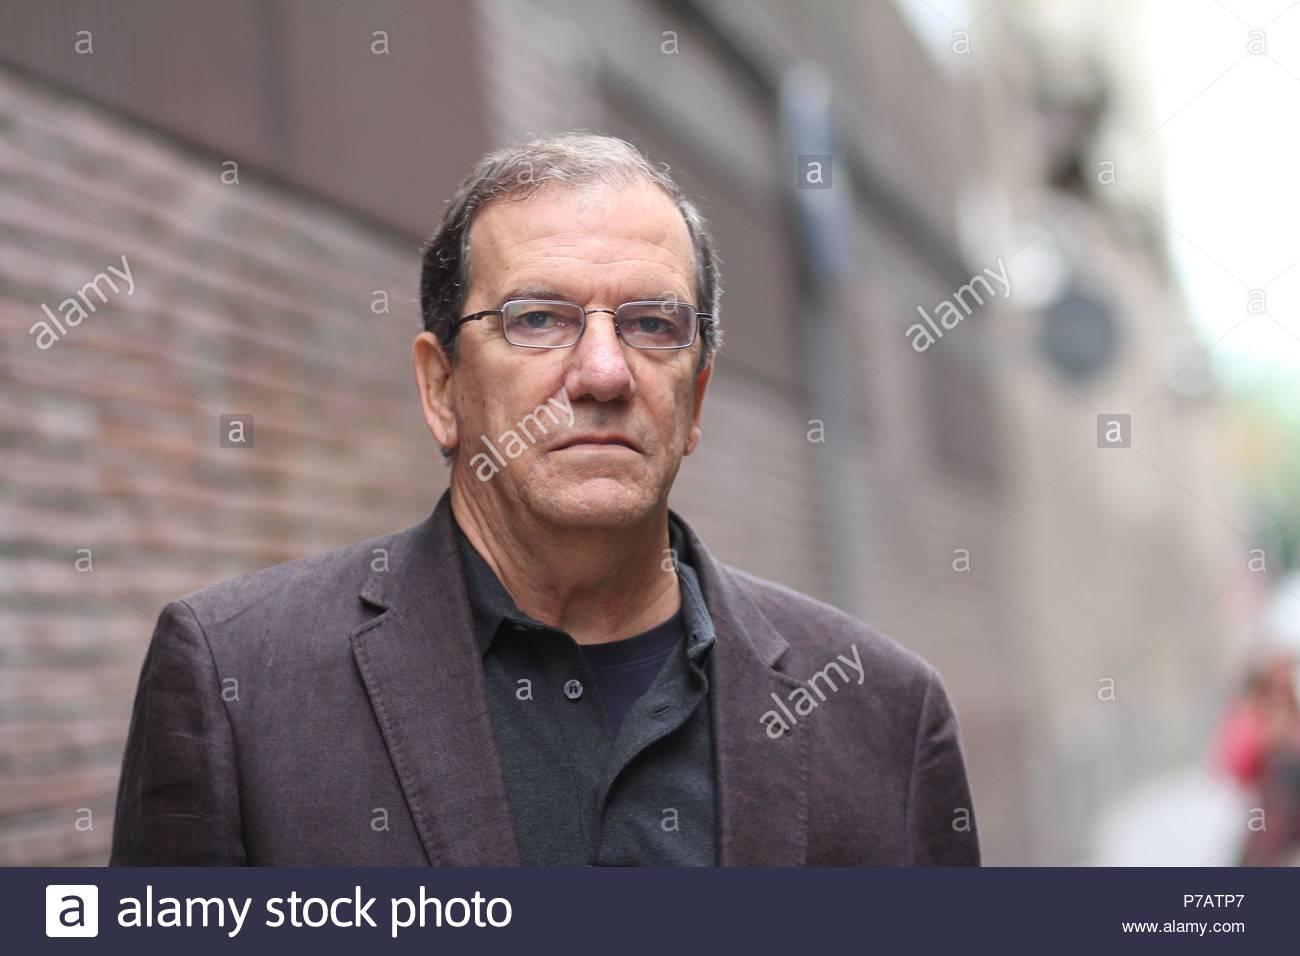 Juan Abreu (La Habana, 1952) es un escritor, artista plástico y columnista desde 1990 de diversos diaros cubanos. Hoy en día se encuentra trabajando en Estados Unidos y Barcelona. - Stock Image